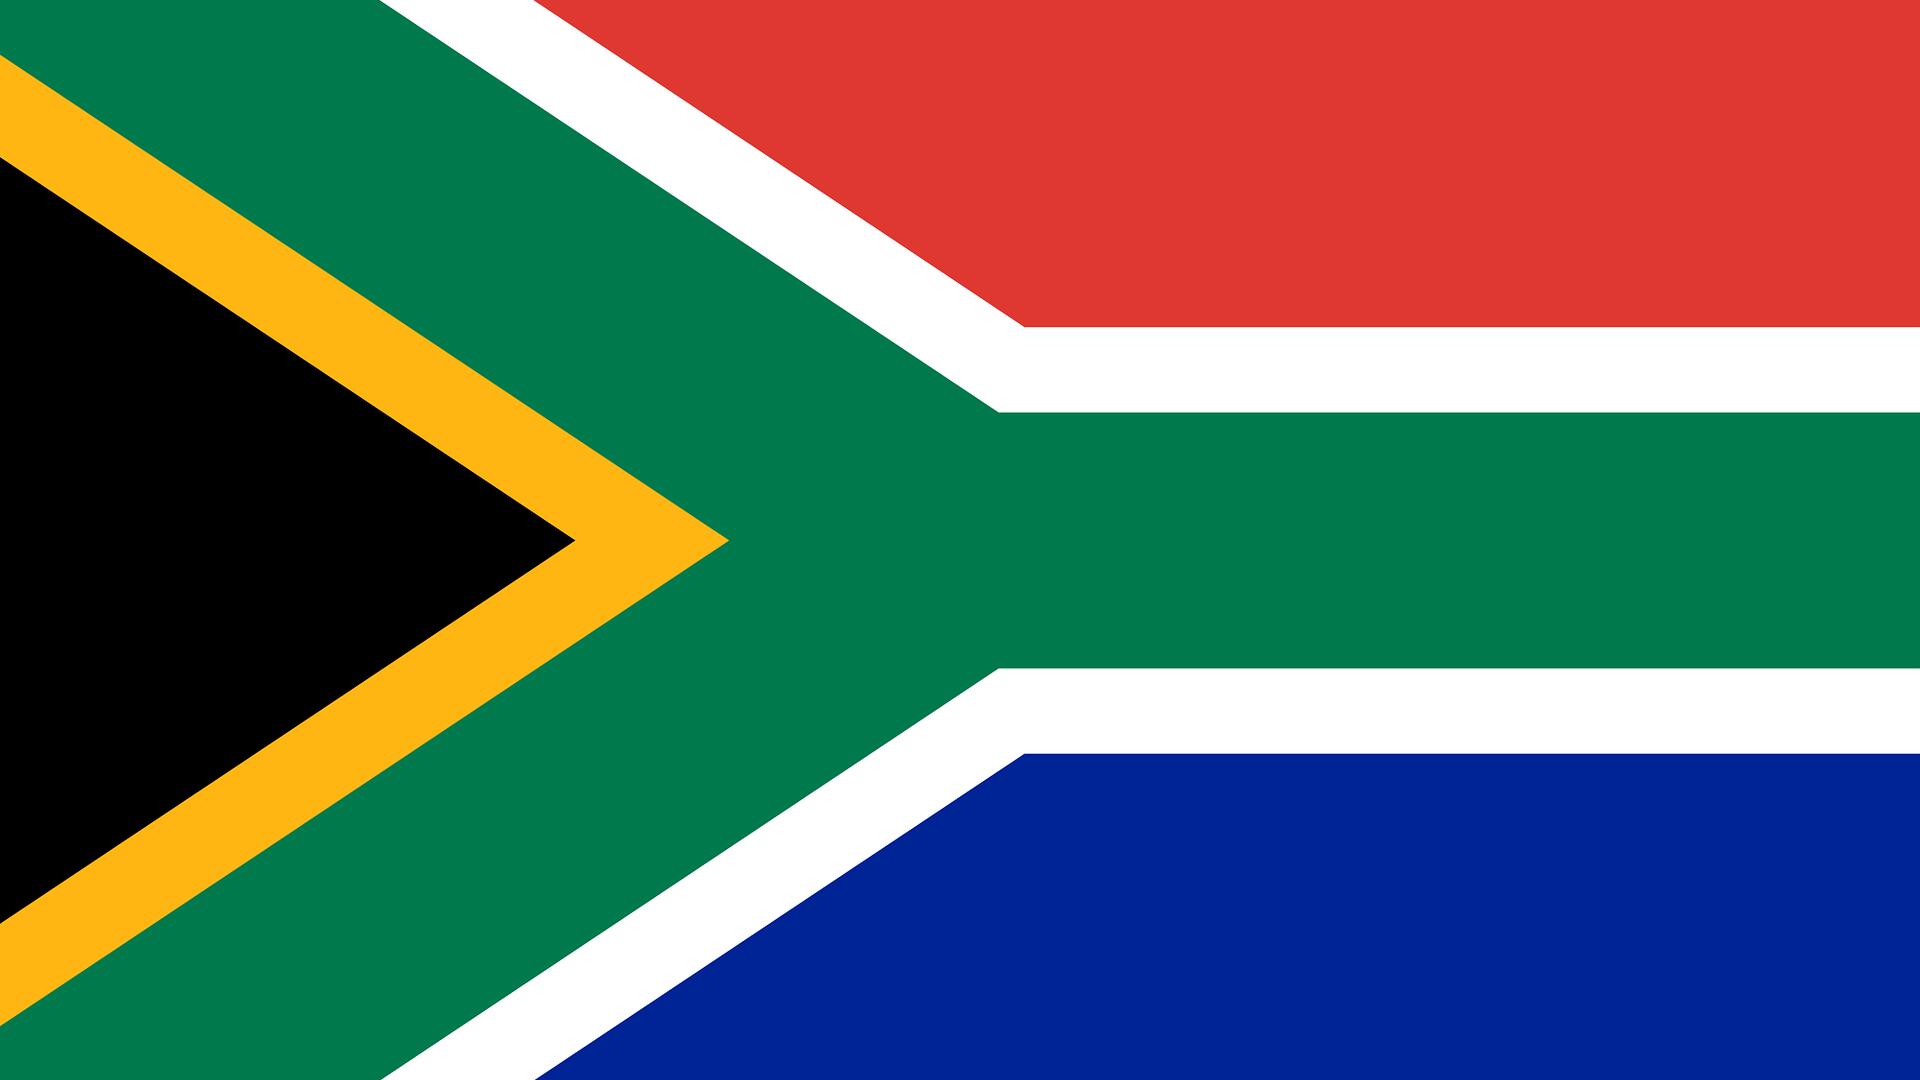 Flug nach Südafrika